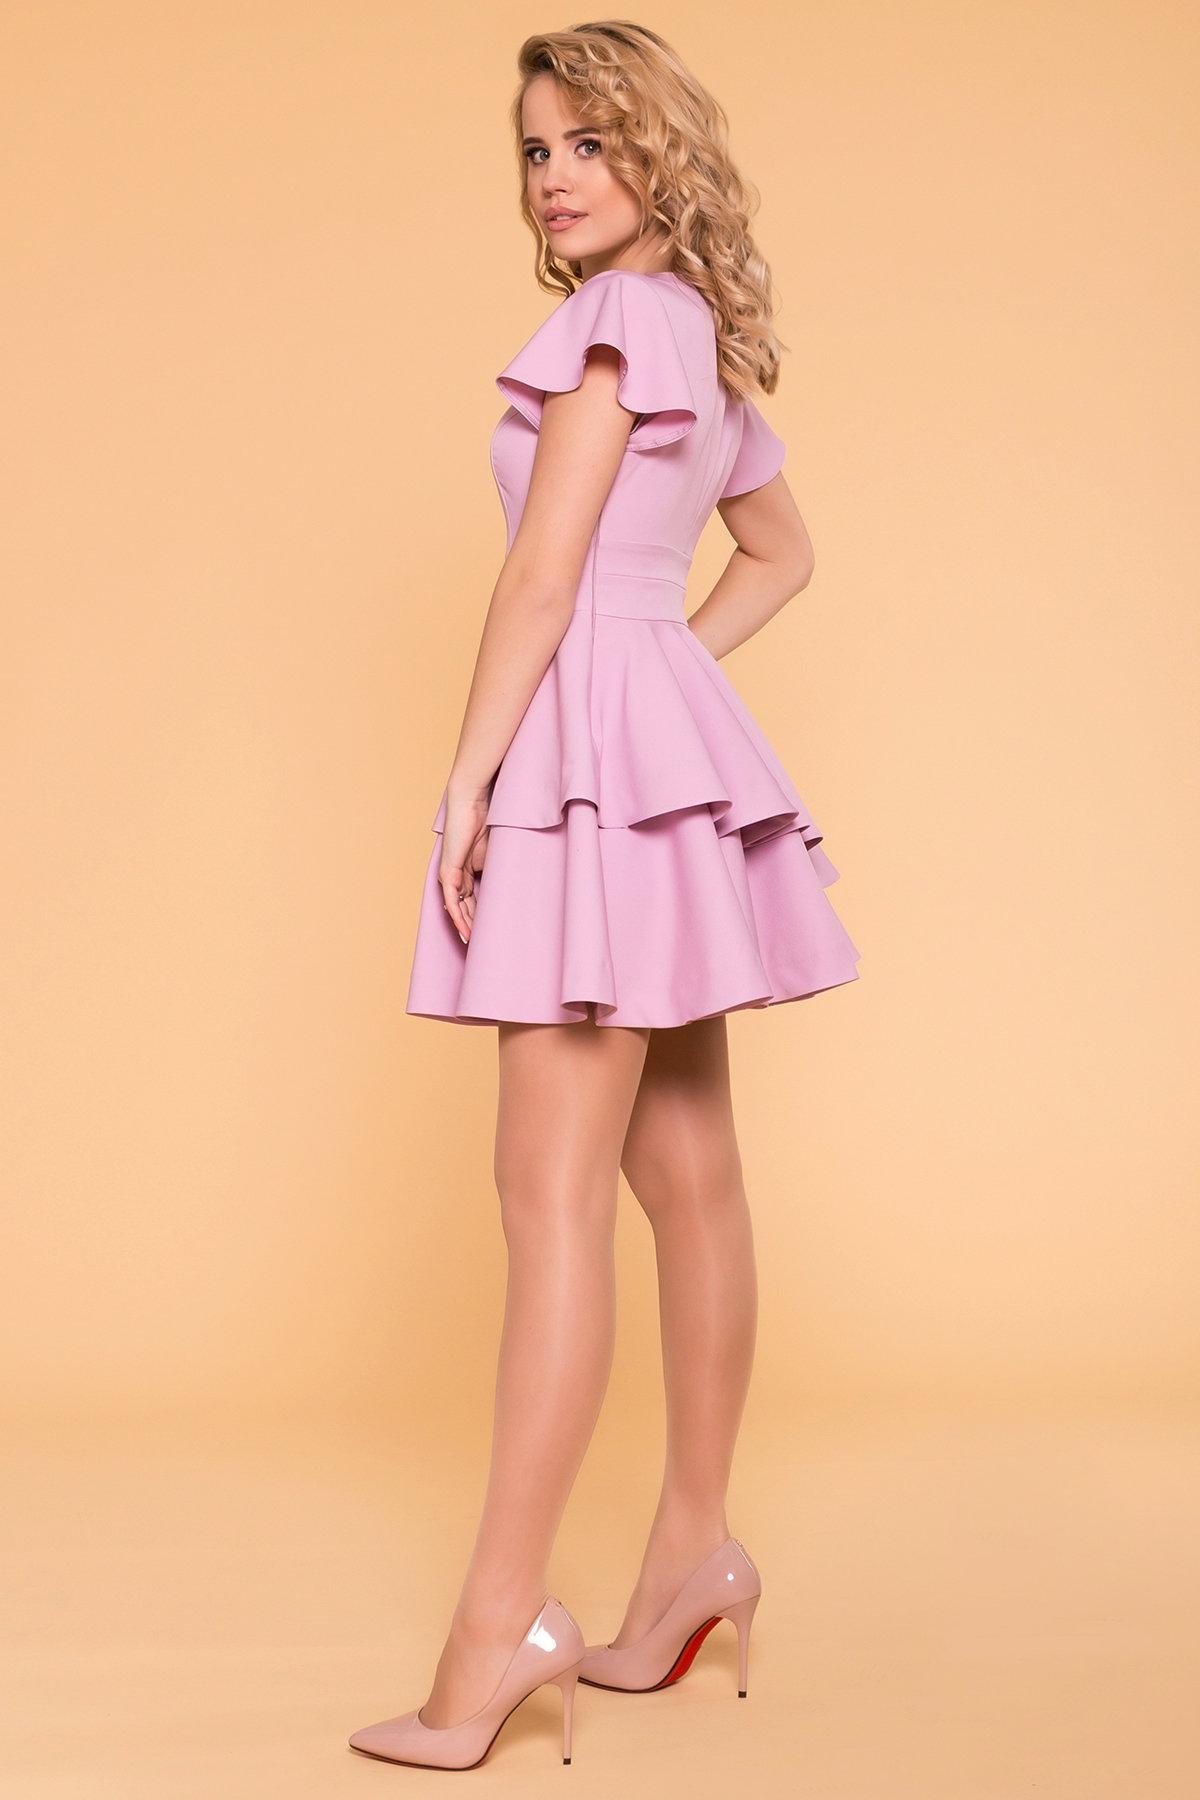 Платье Симур 6888 АРТ. 41987 Цвет: Пудра 3 - фото 4, интернет магазин tm-modus.ru